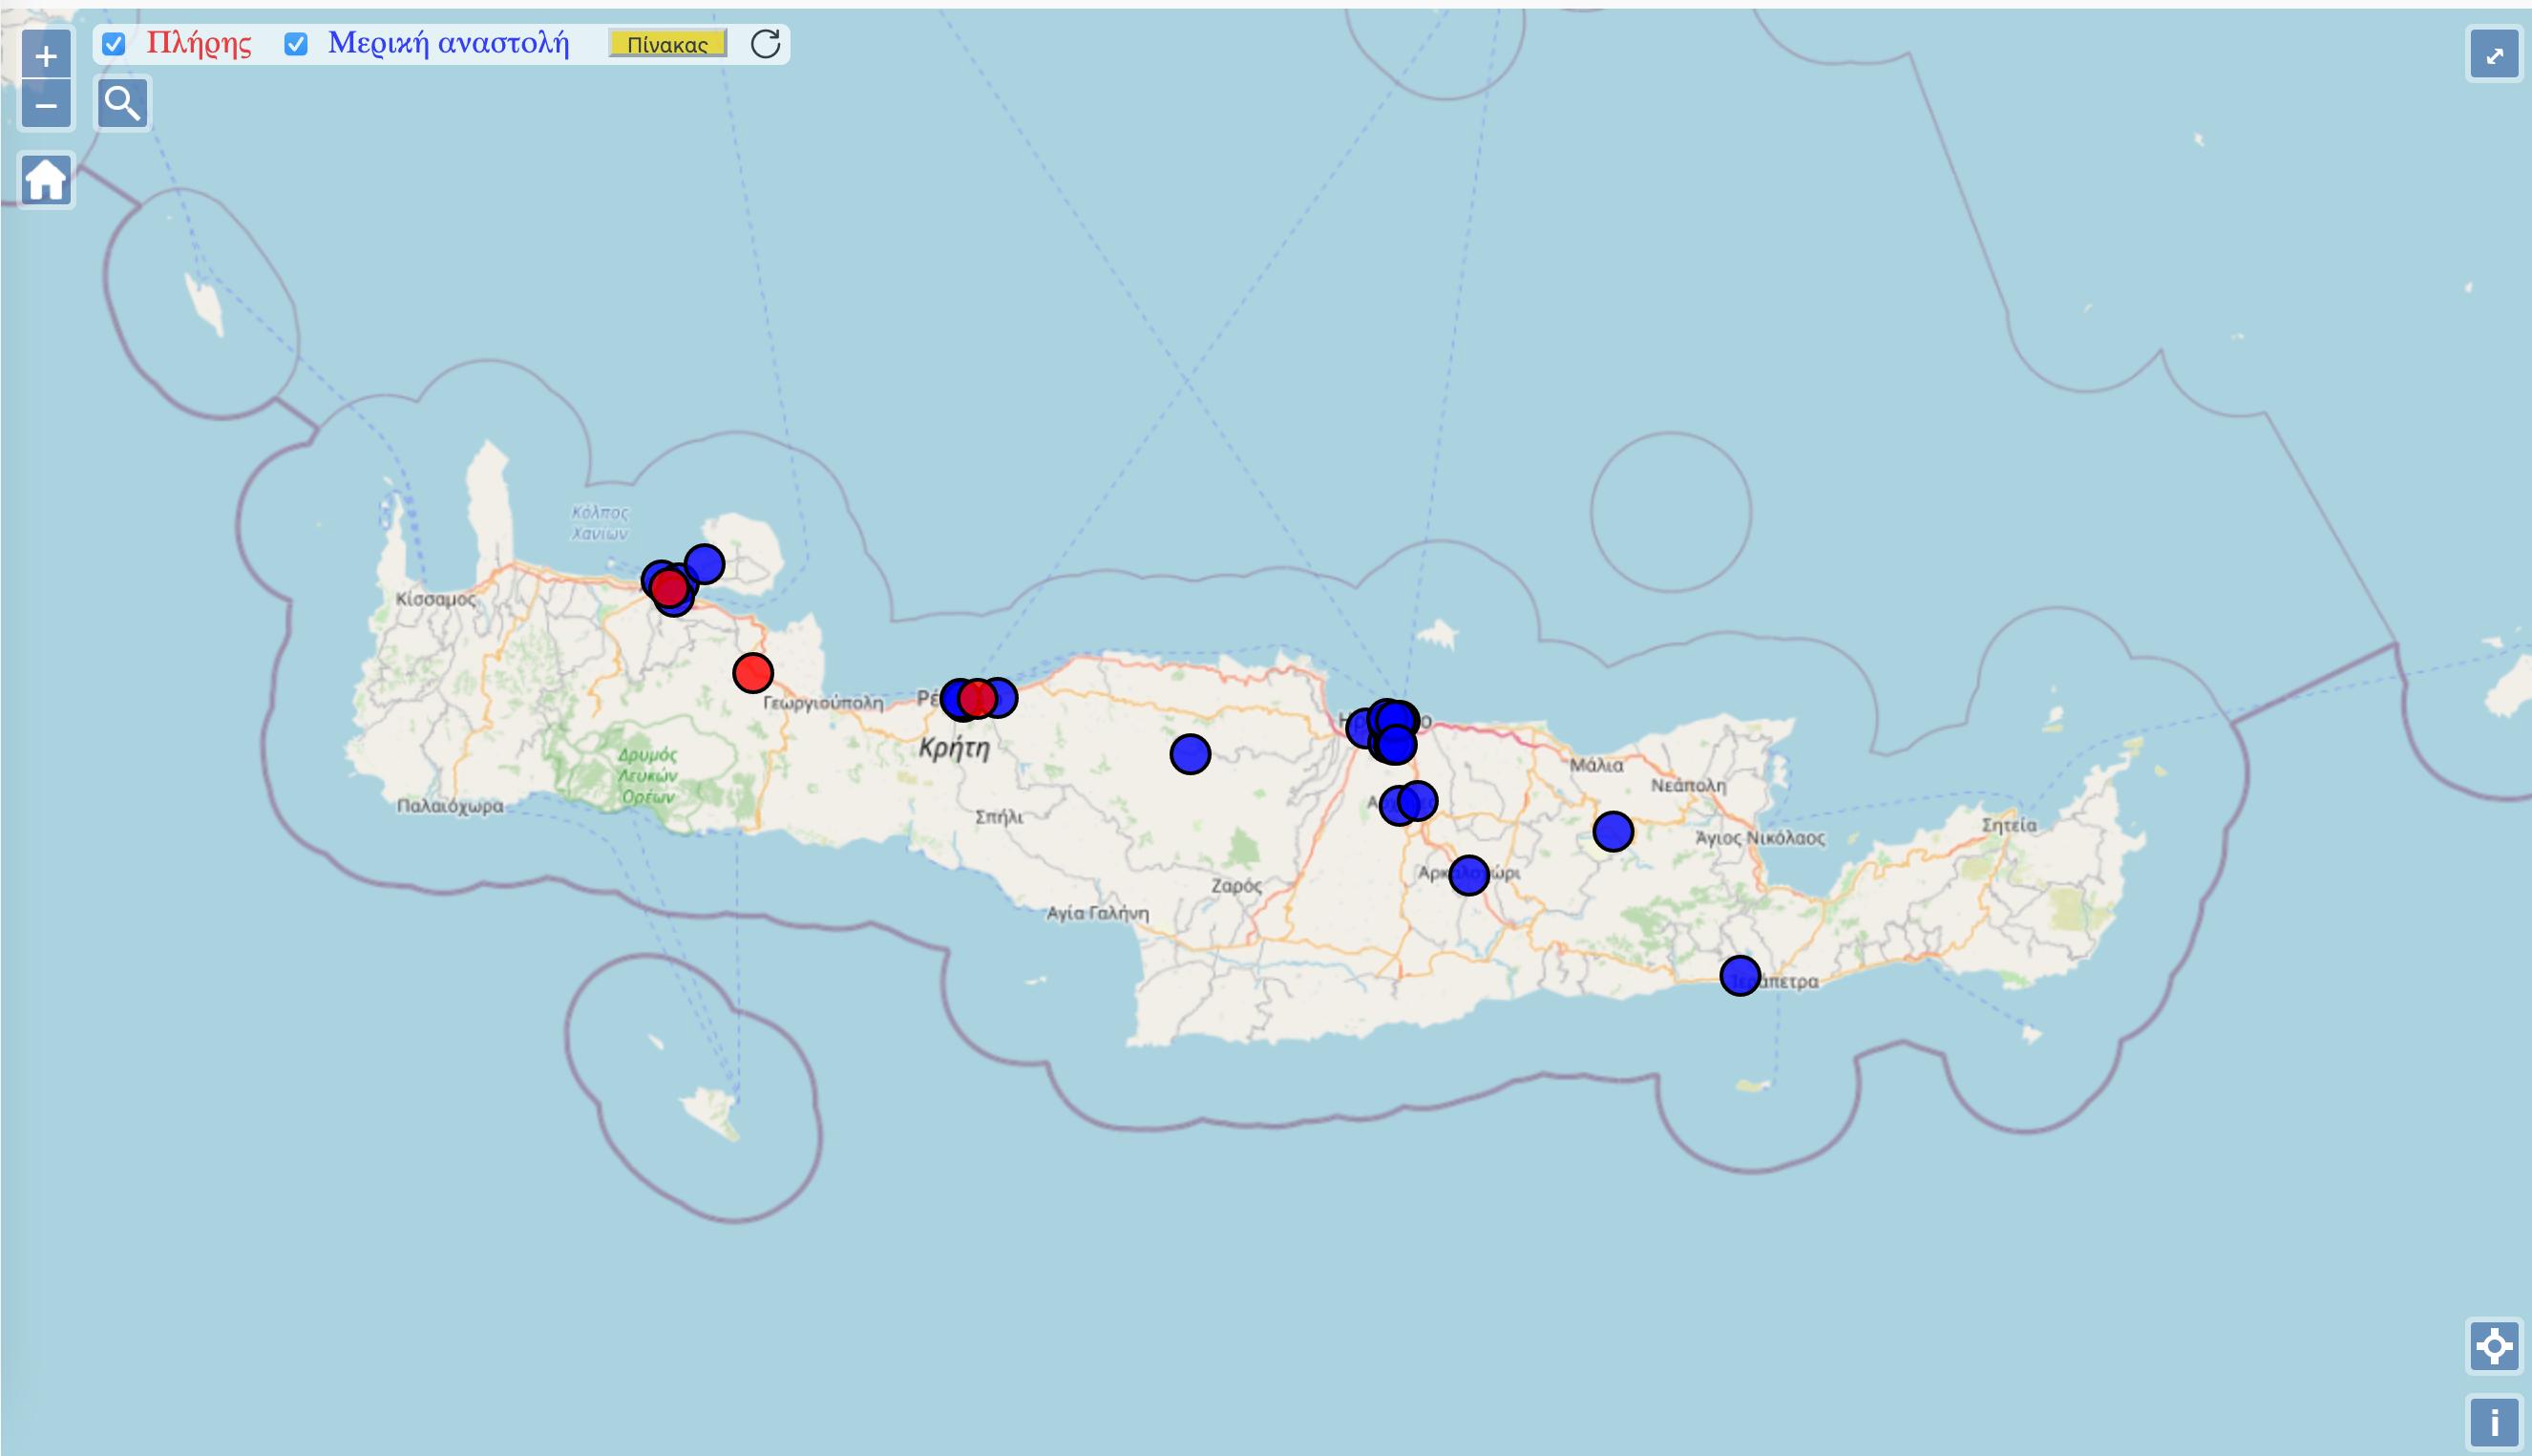 Η εικόνα των κρουσμάτων στα σχολεία της Κρήτης